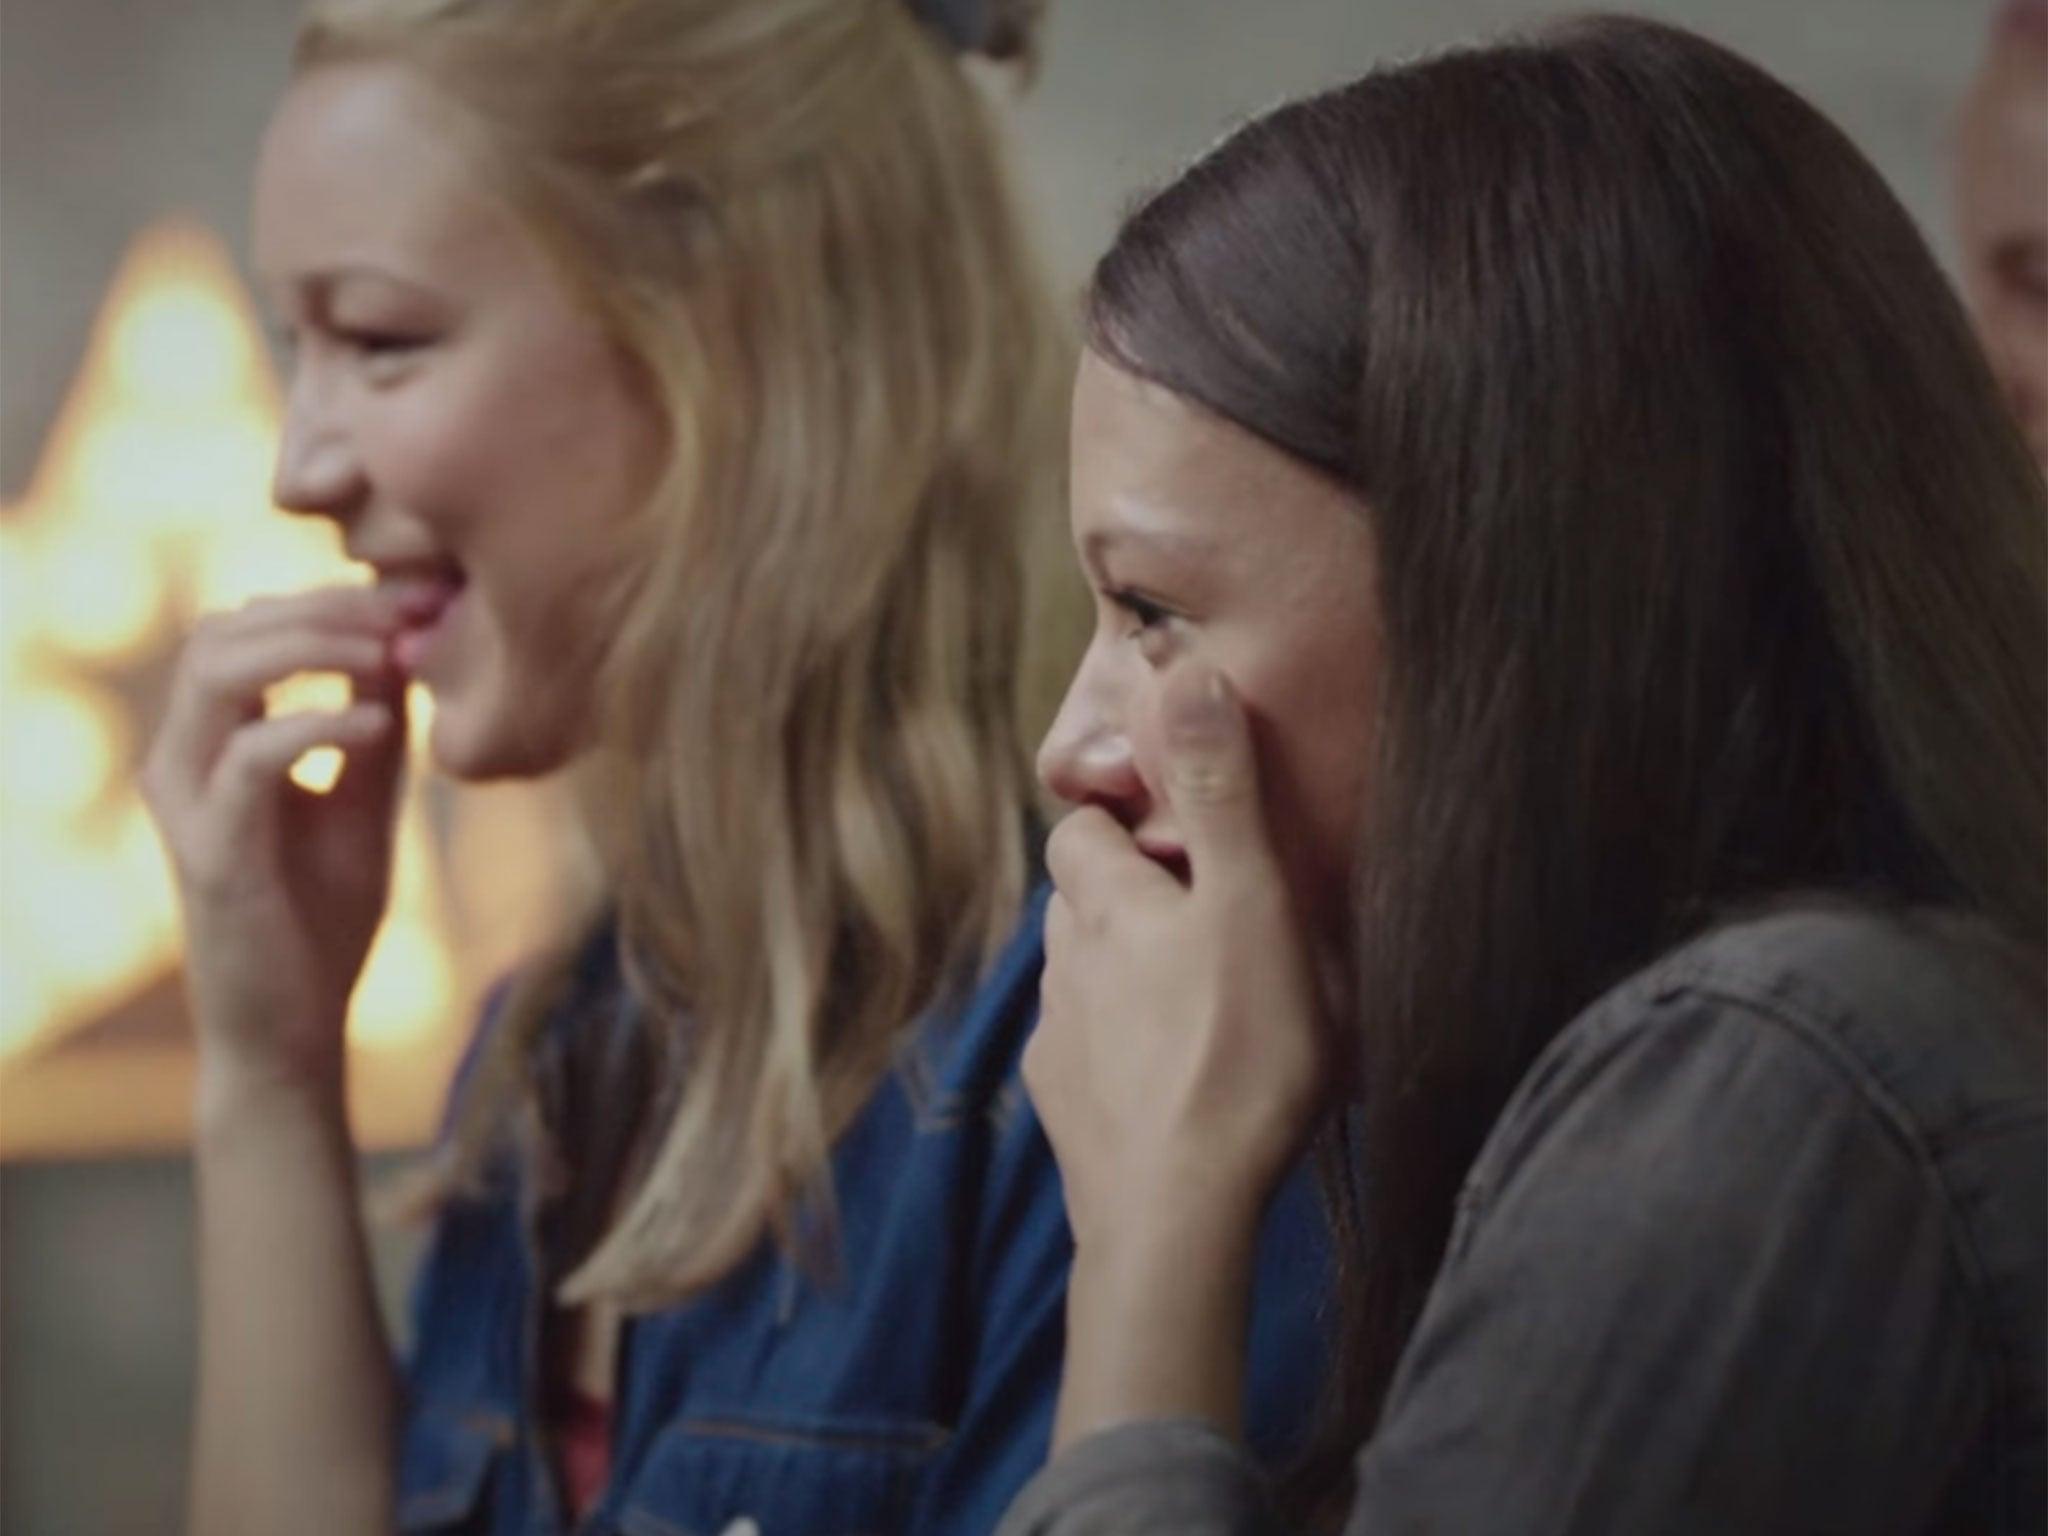 les adolescents dans les vidéos de sexe gratuit noir Tgirls porno